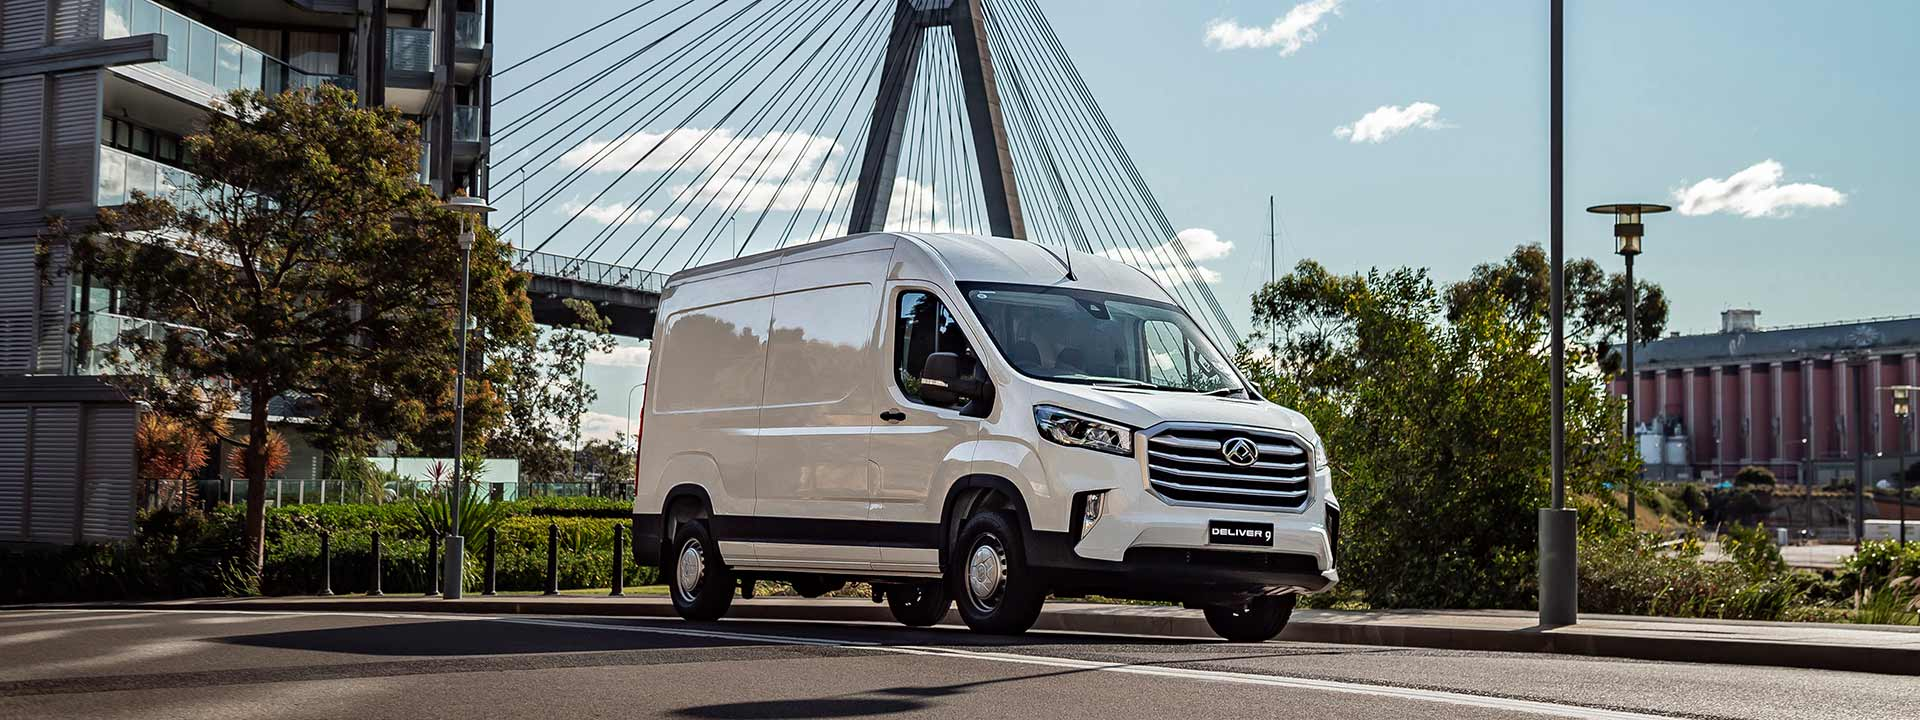 Deliver 9 Large Van Image